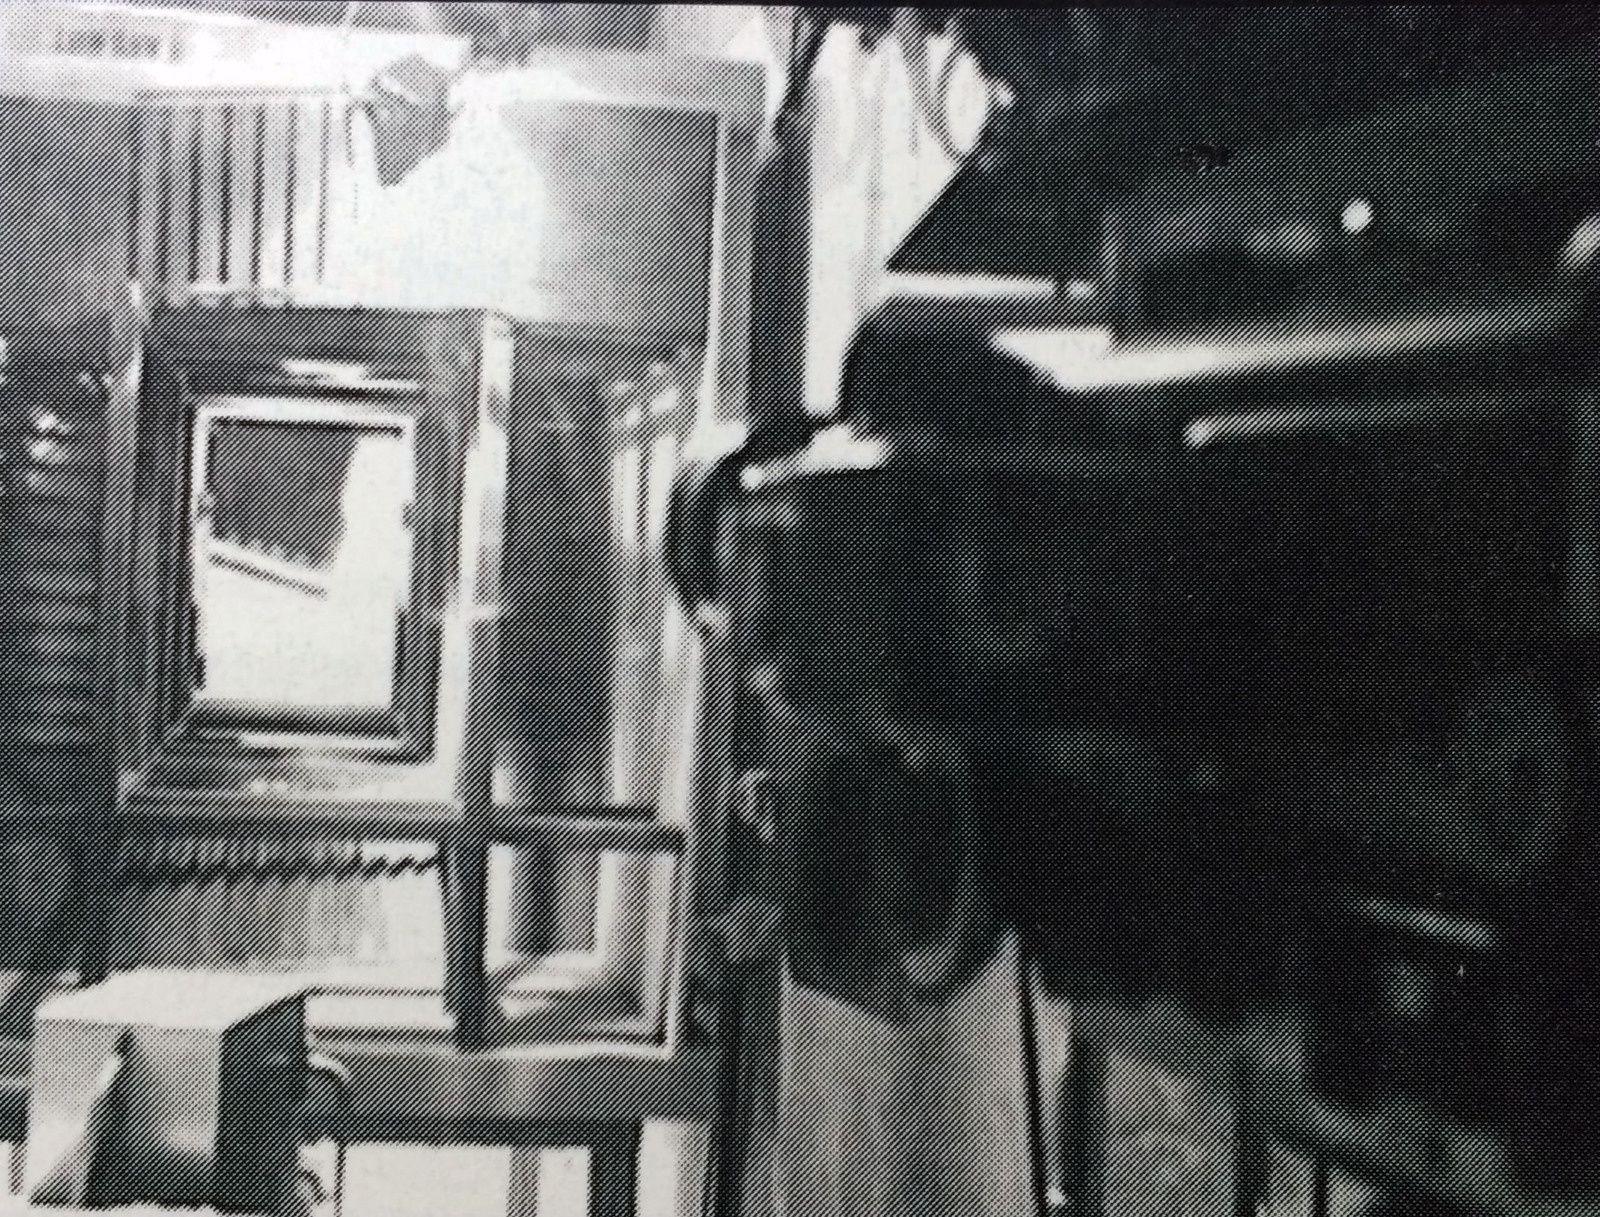 La caméra pointe vers le bas de l'escalier et zoome, tandis qu'on la rire en arrière, créant l'effet de vertige.